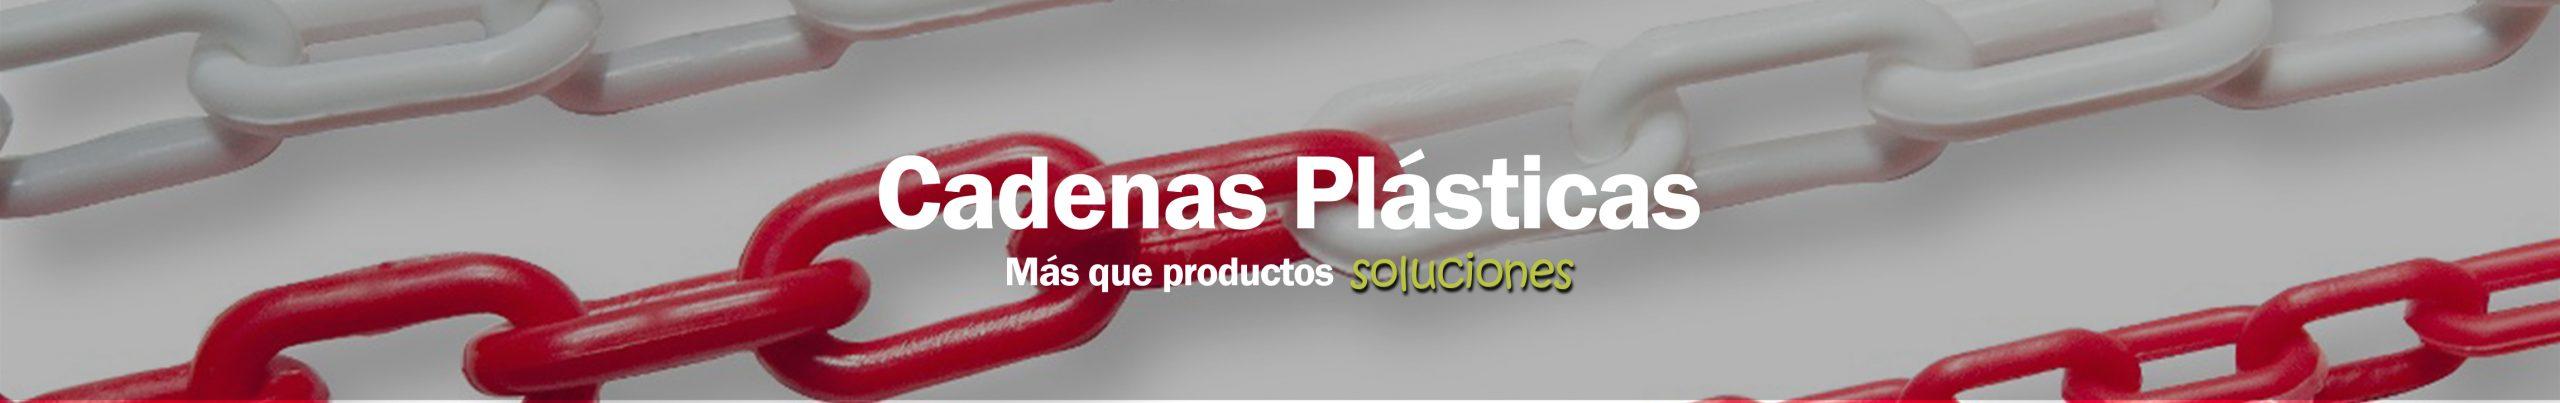 Cadenas Plasticas